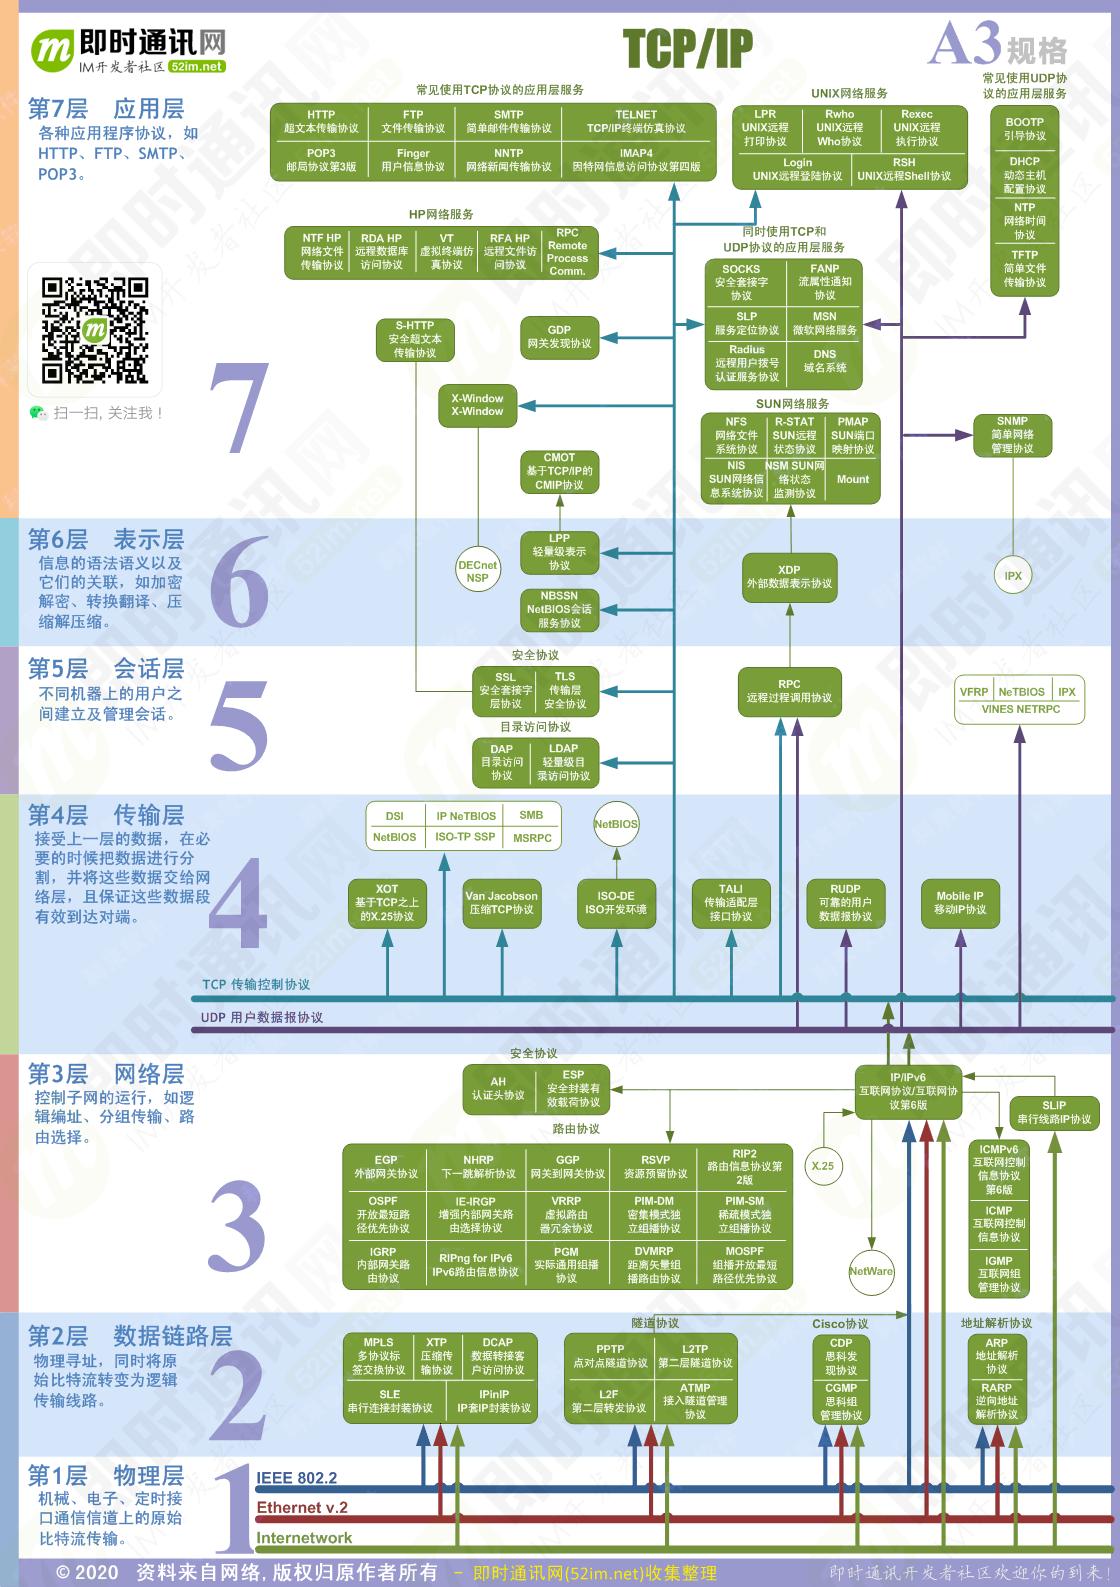 仅TCP-IP协议图